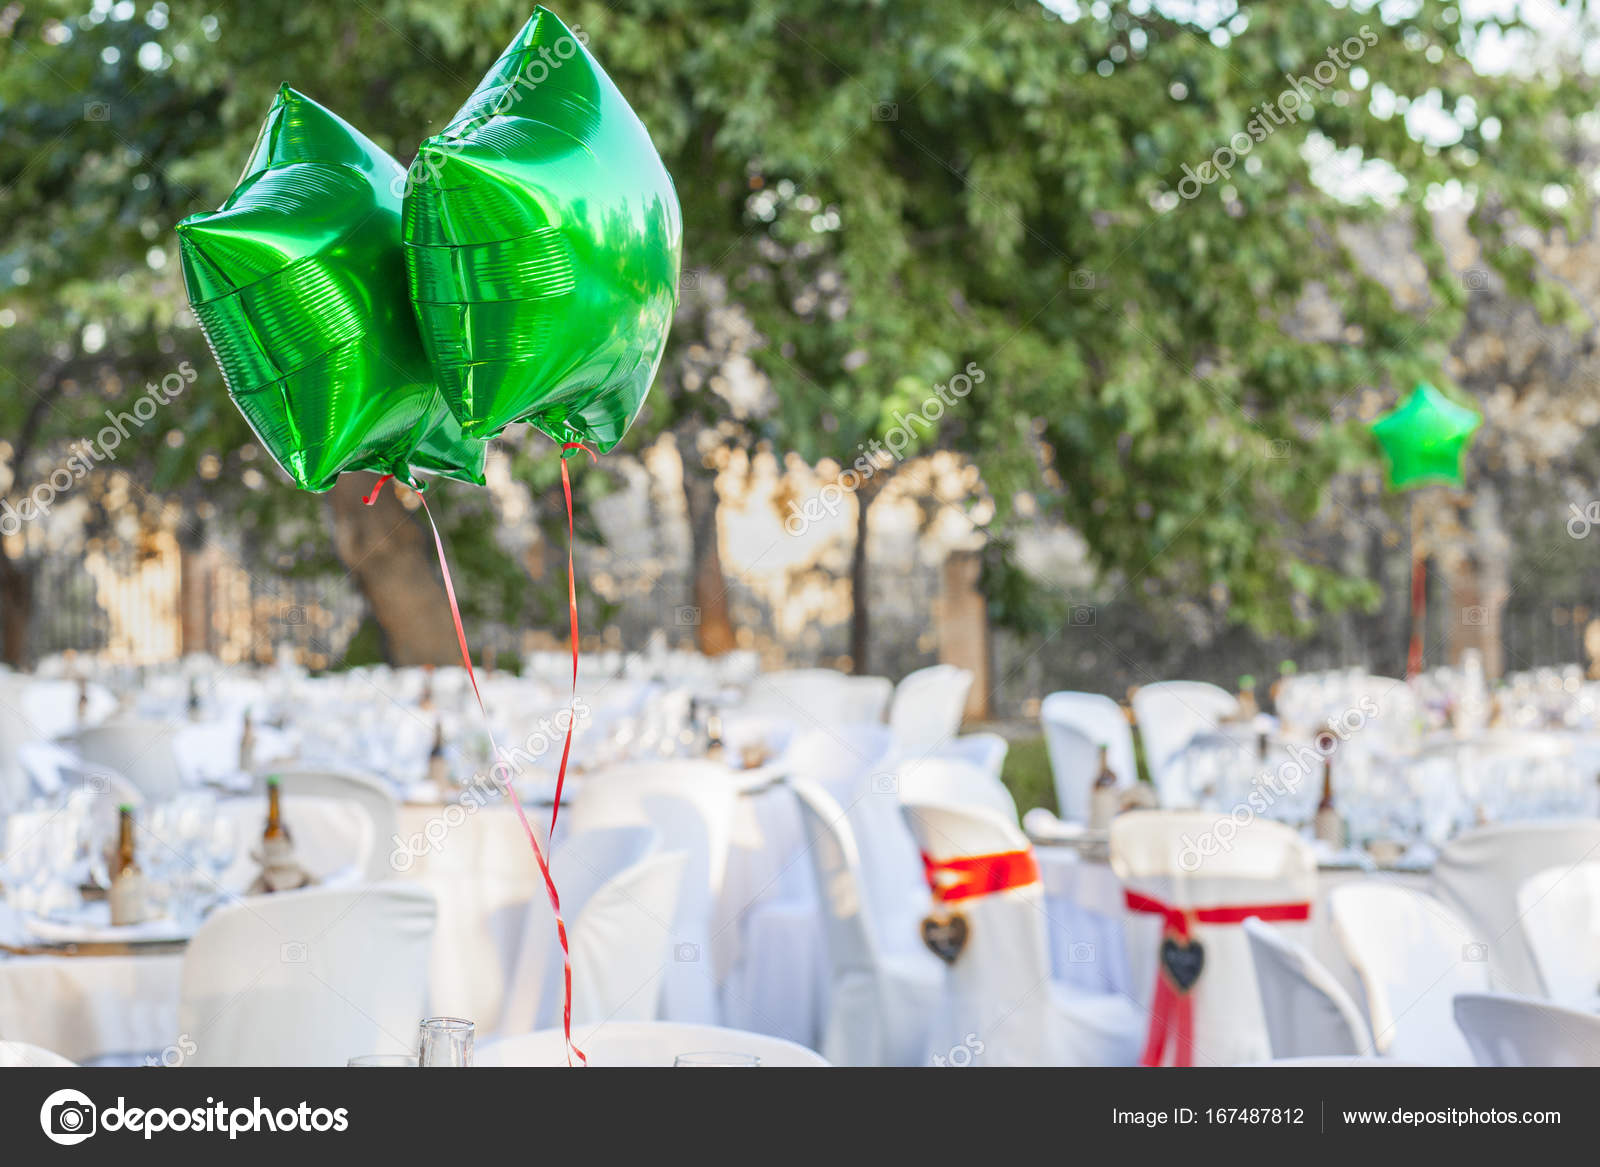 Globos Verdes Brillantes En El Ajuste De La Mesa De Jardín